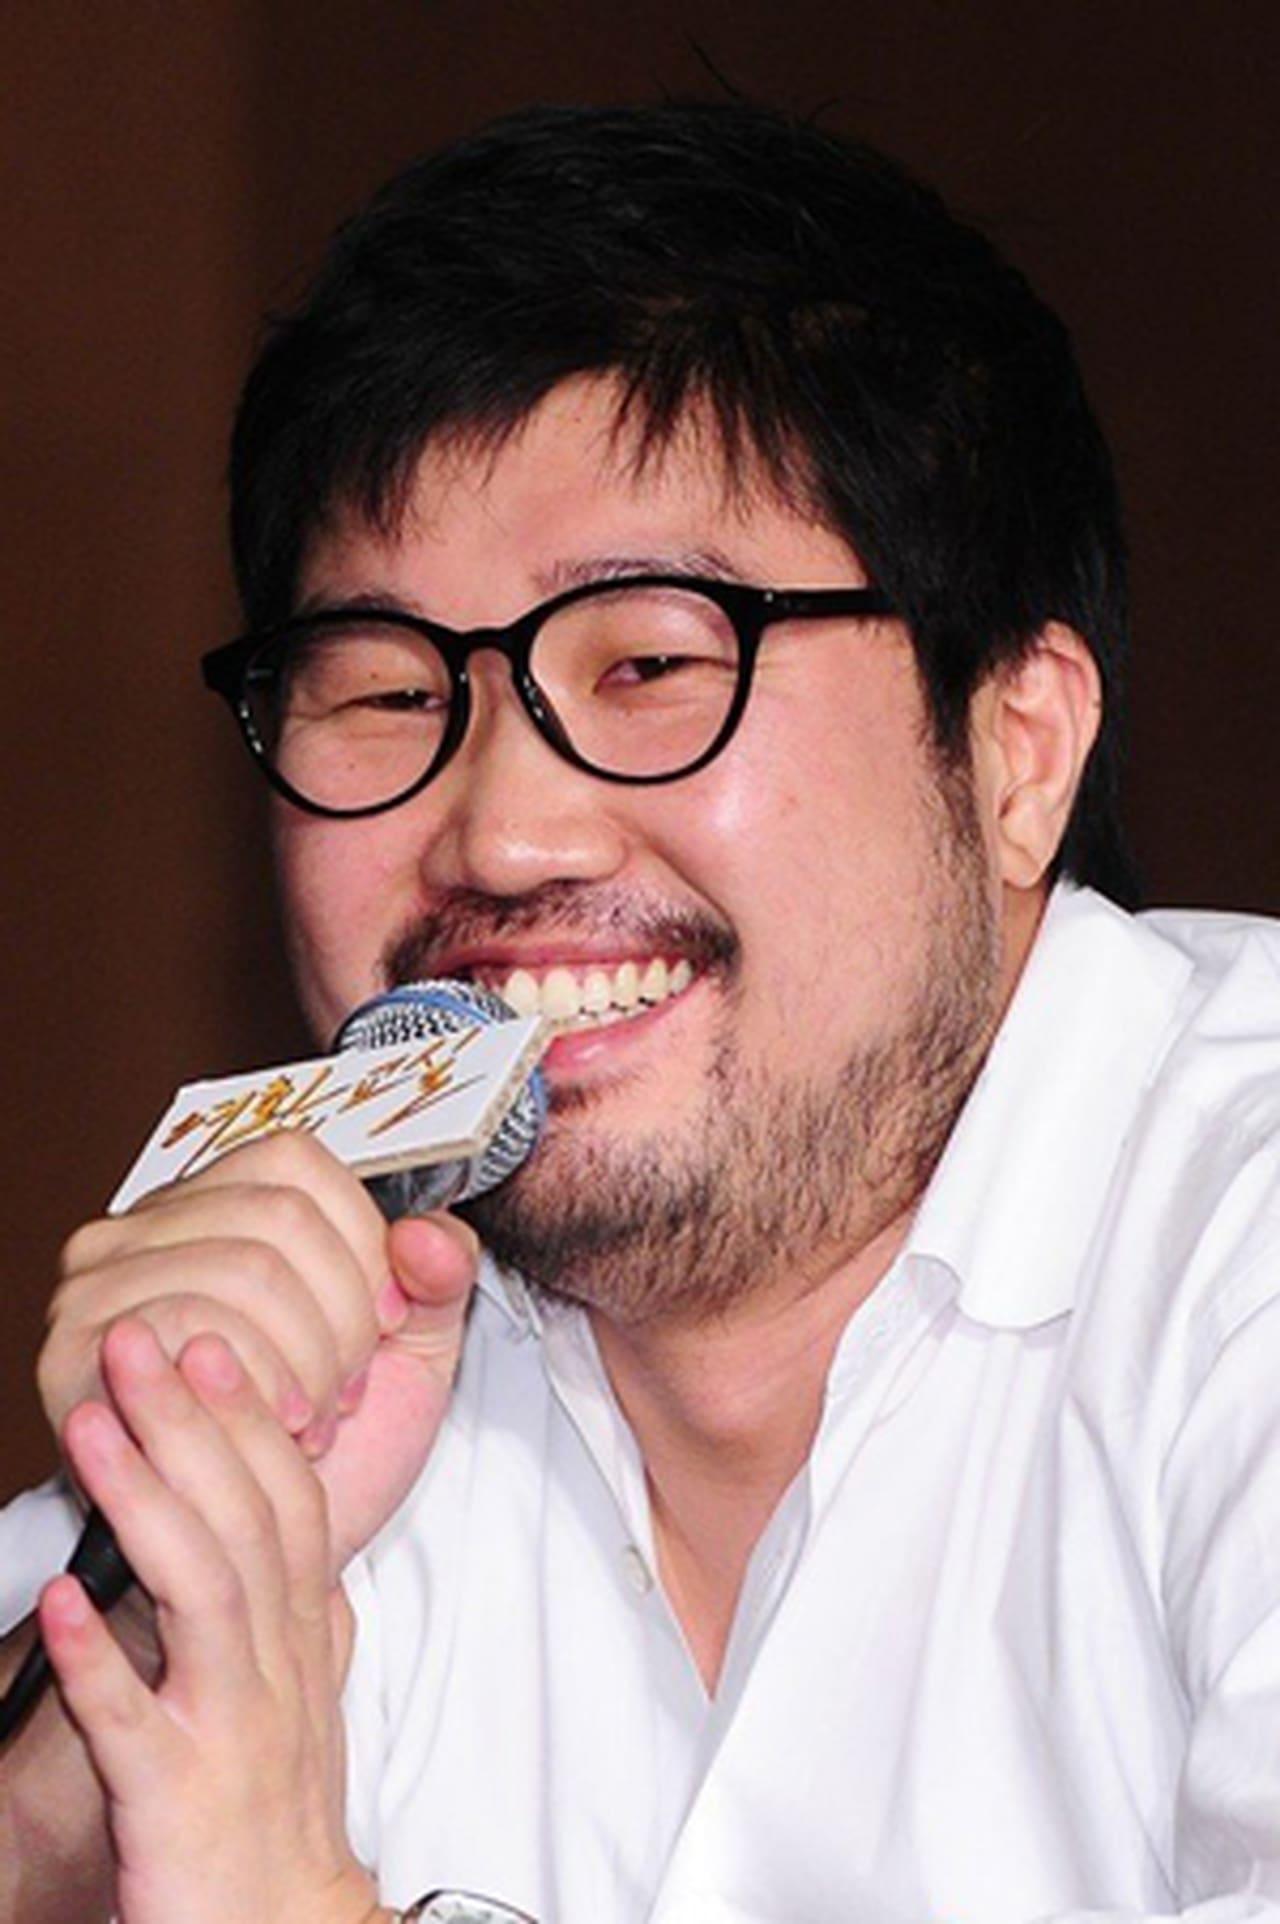 Kim Won-suk